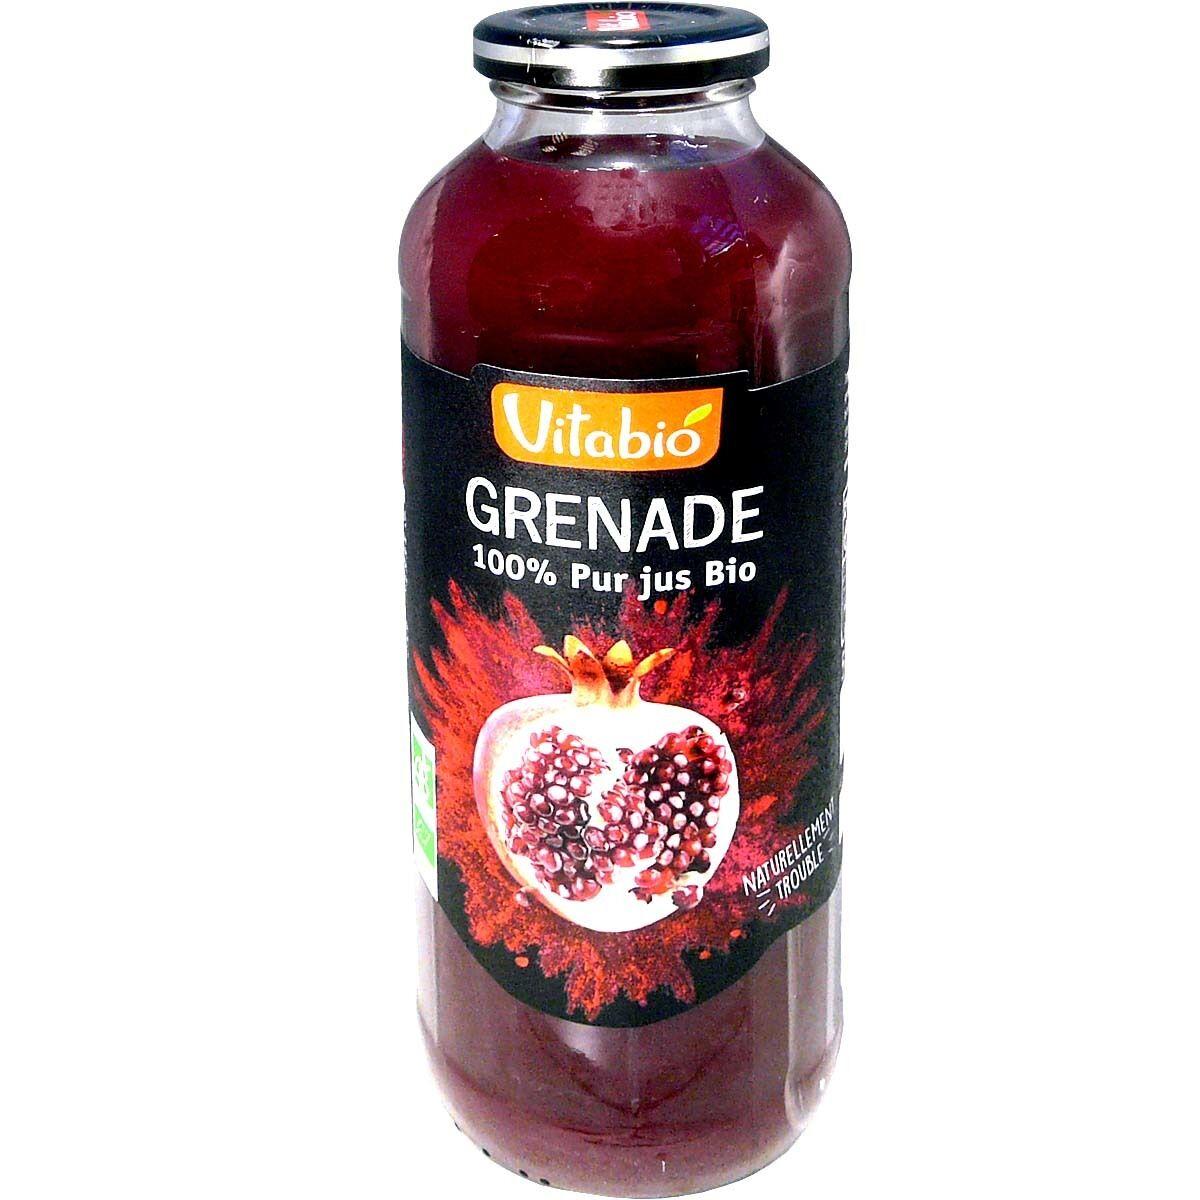 Vitabio jus de grenade bio 50 cl